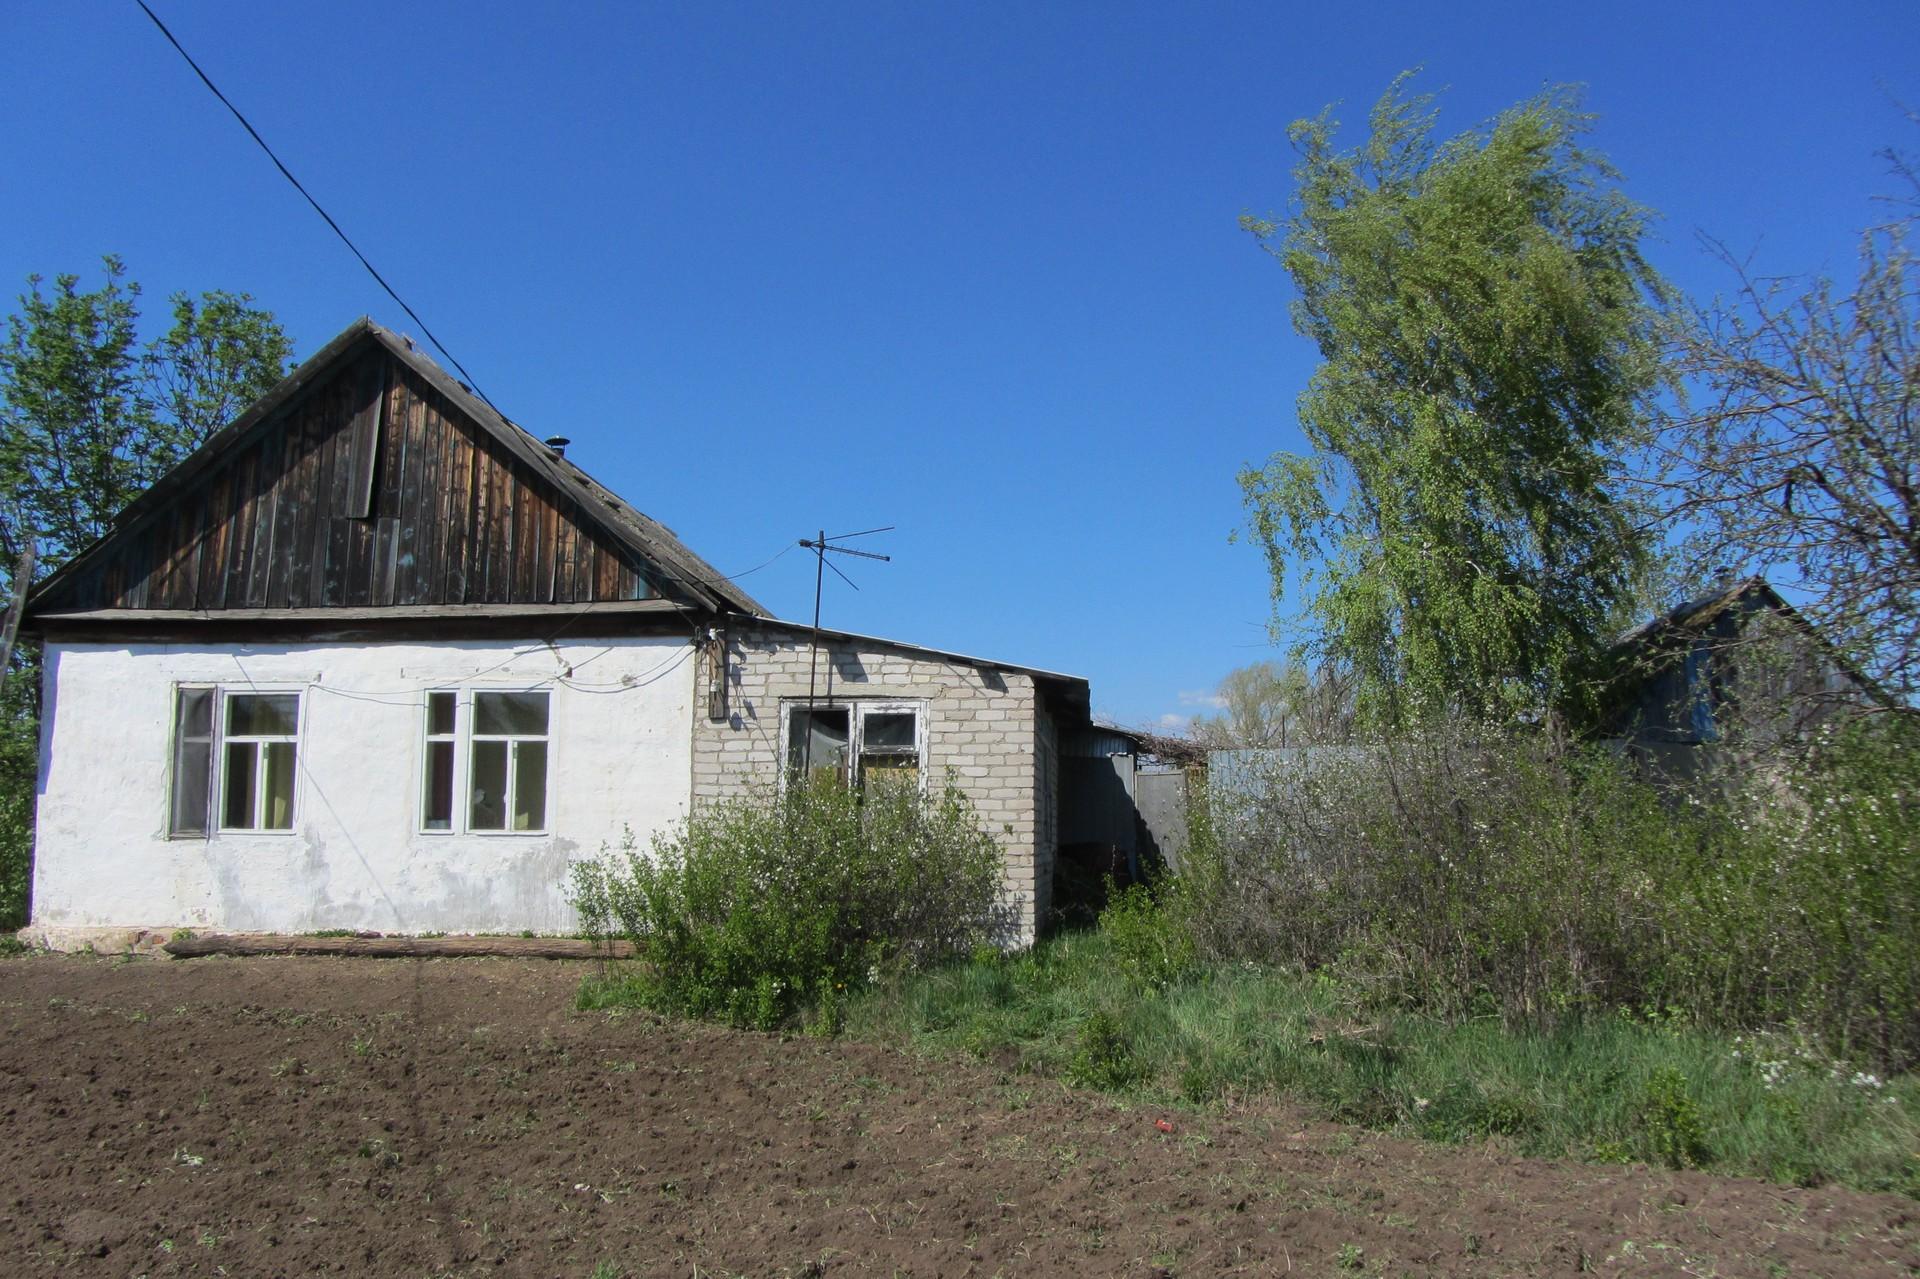 Фото улица луговая рождествено самарская область